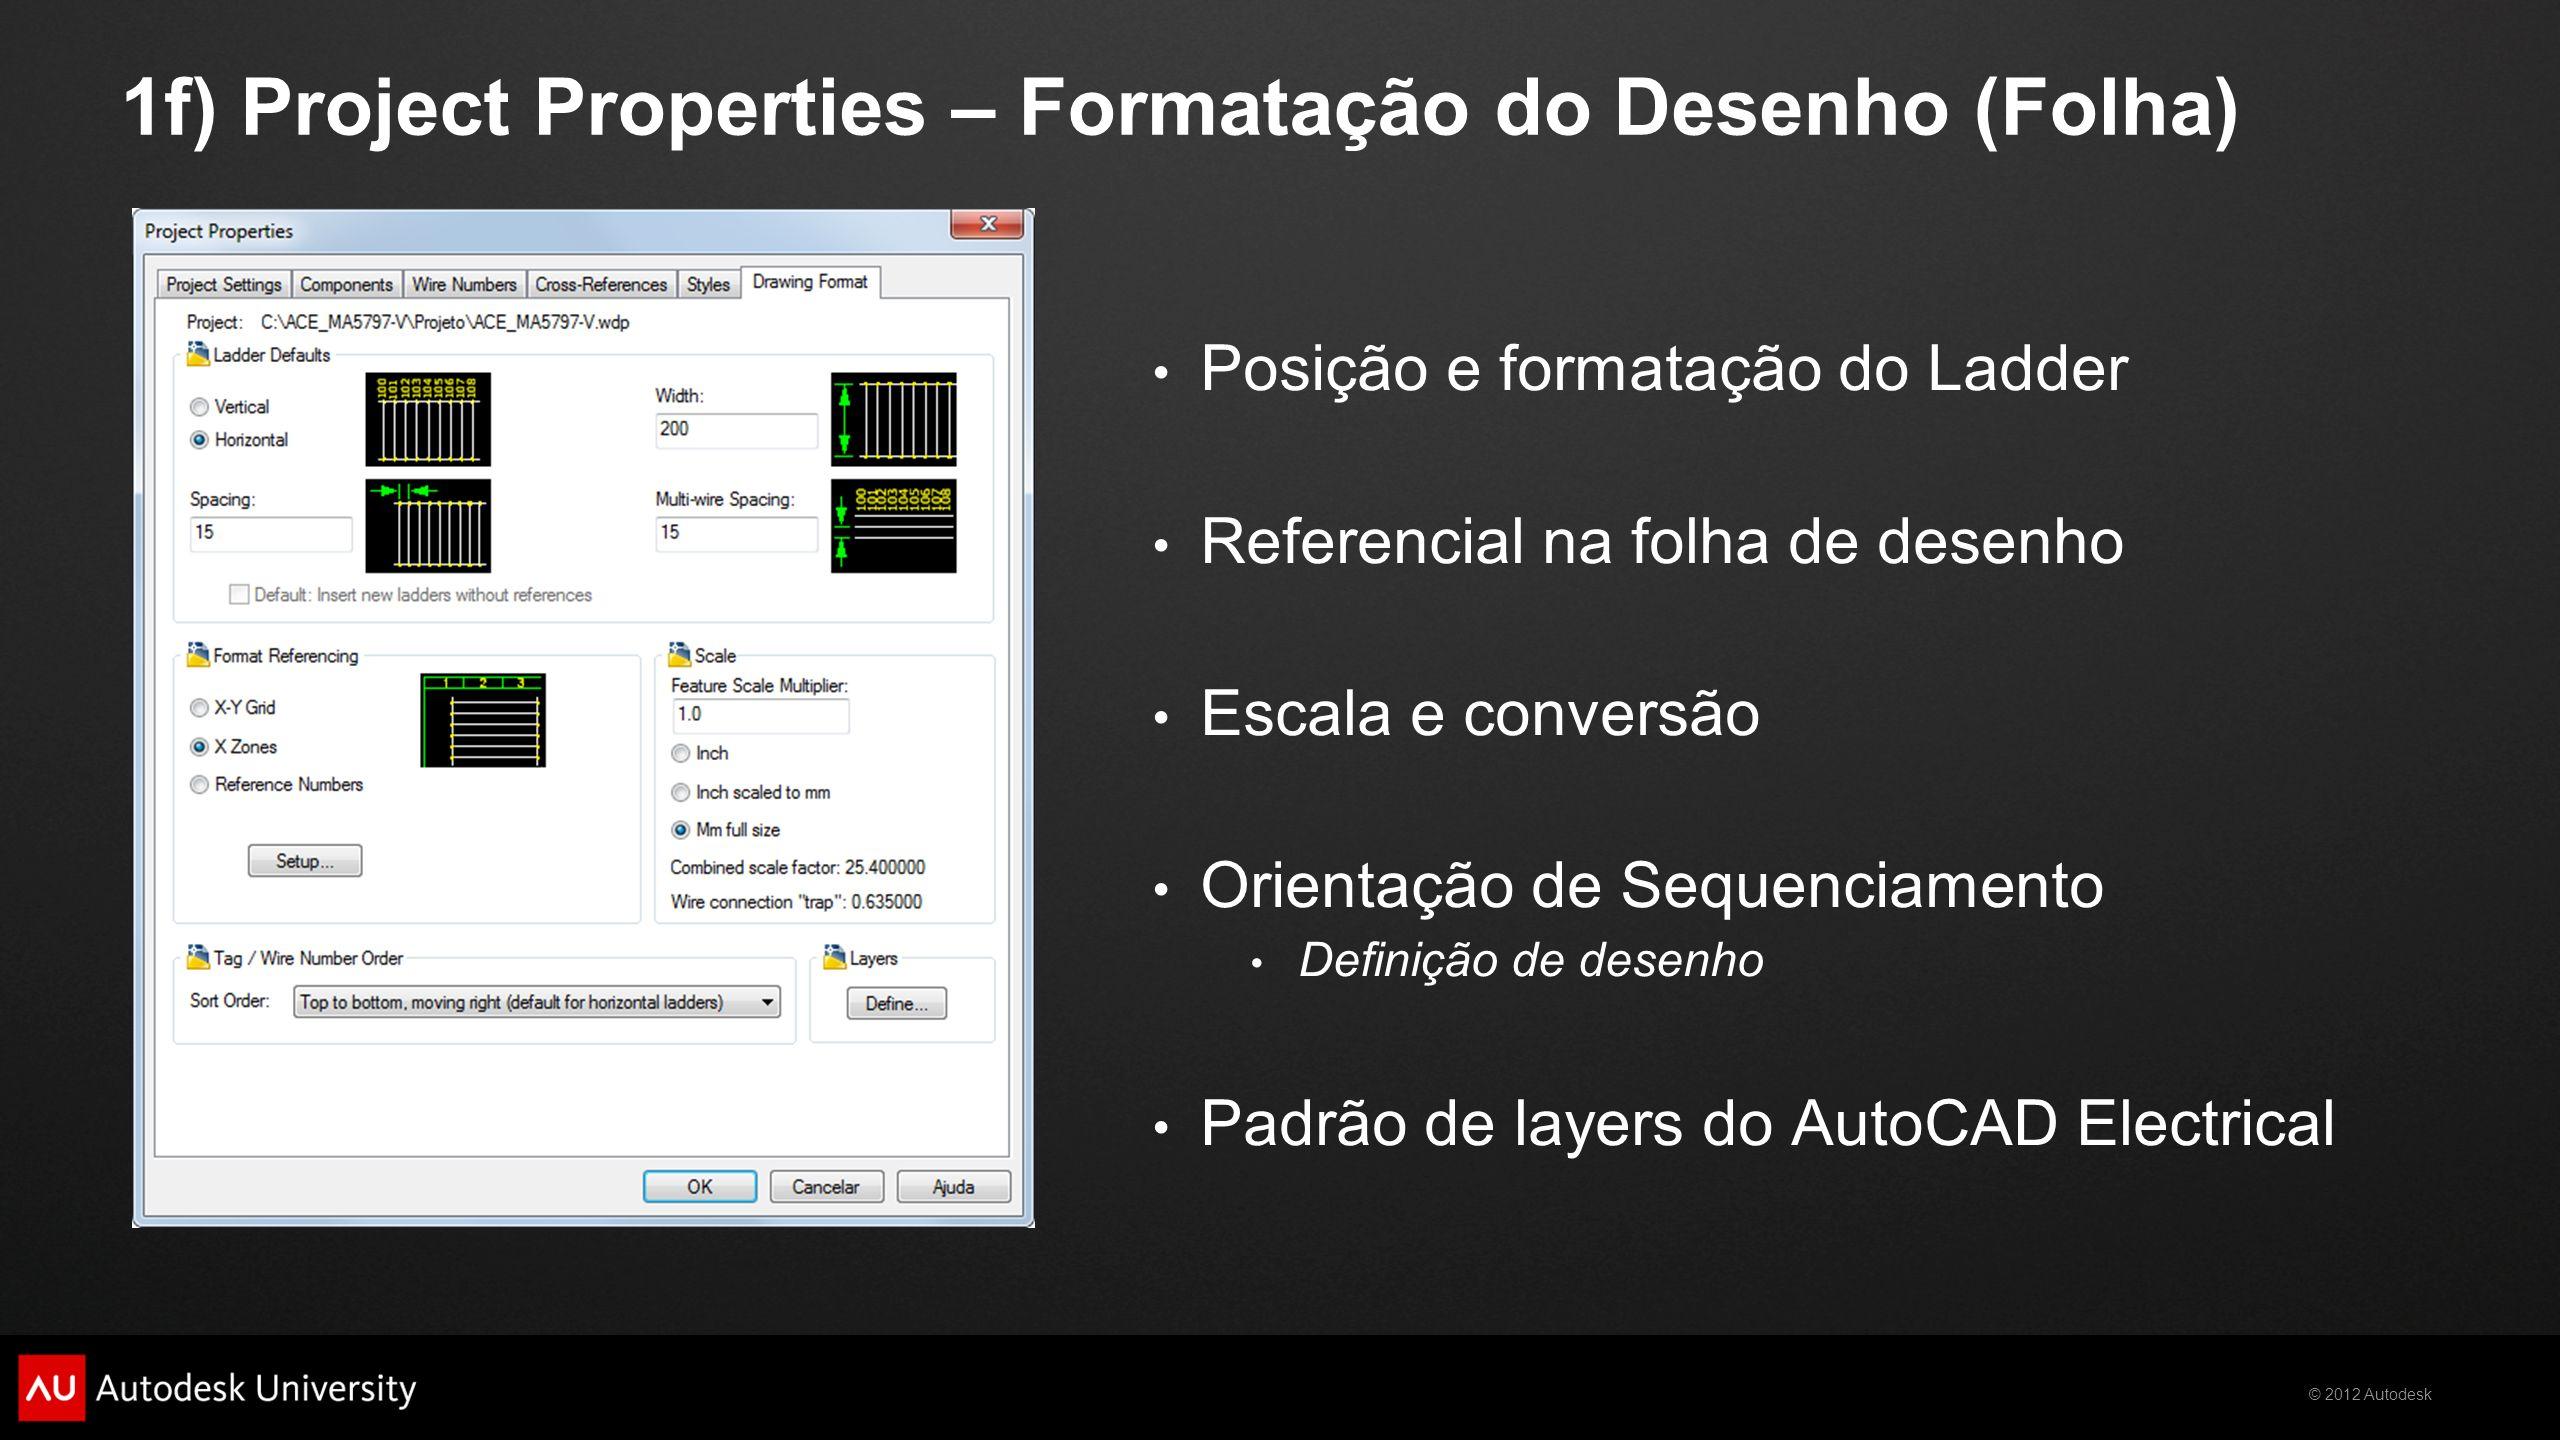 1f) Project Properties – Formatação do Desenho (Folha)